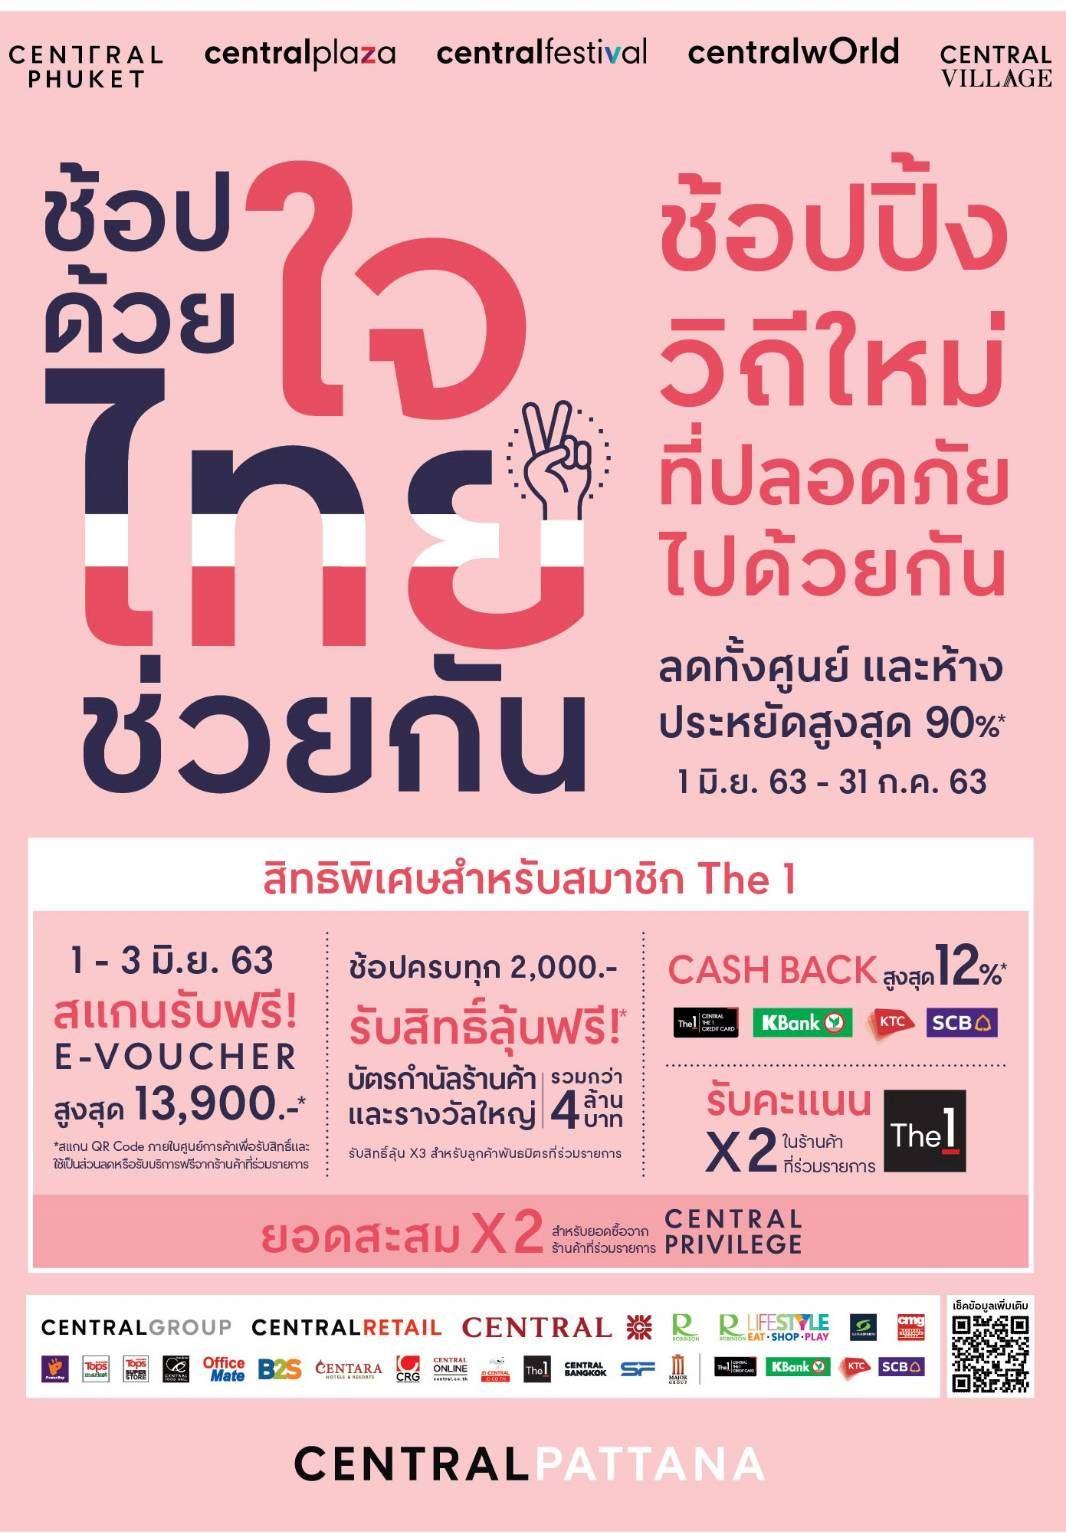 กลุ่มเซ็นทรัล นำโดย เซ็นทรัลพัฒนา ผนึกพลังทุกธุรกิจในเครือ และพาร์ทเนอร์ ร่วมกัน 'Rebuild Thailand, Rebuild Economy'